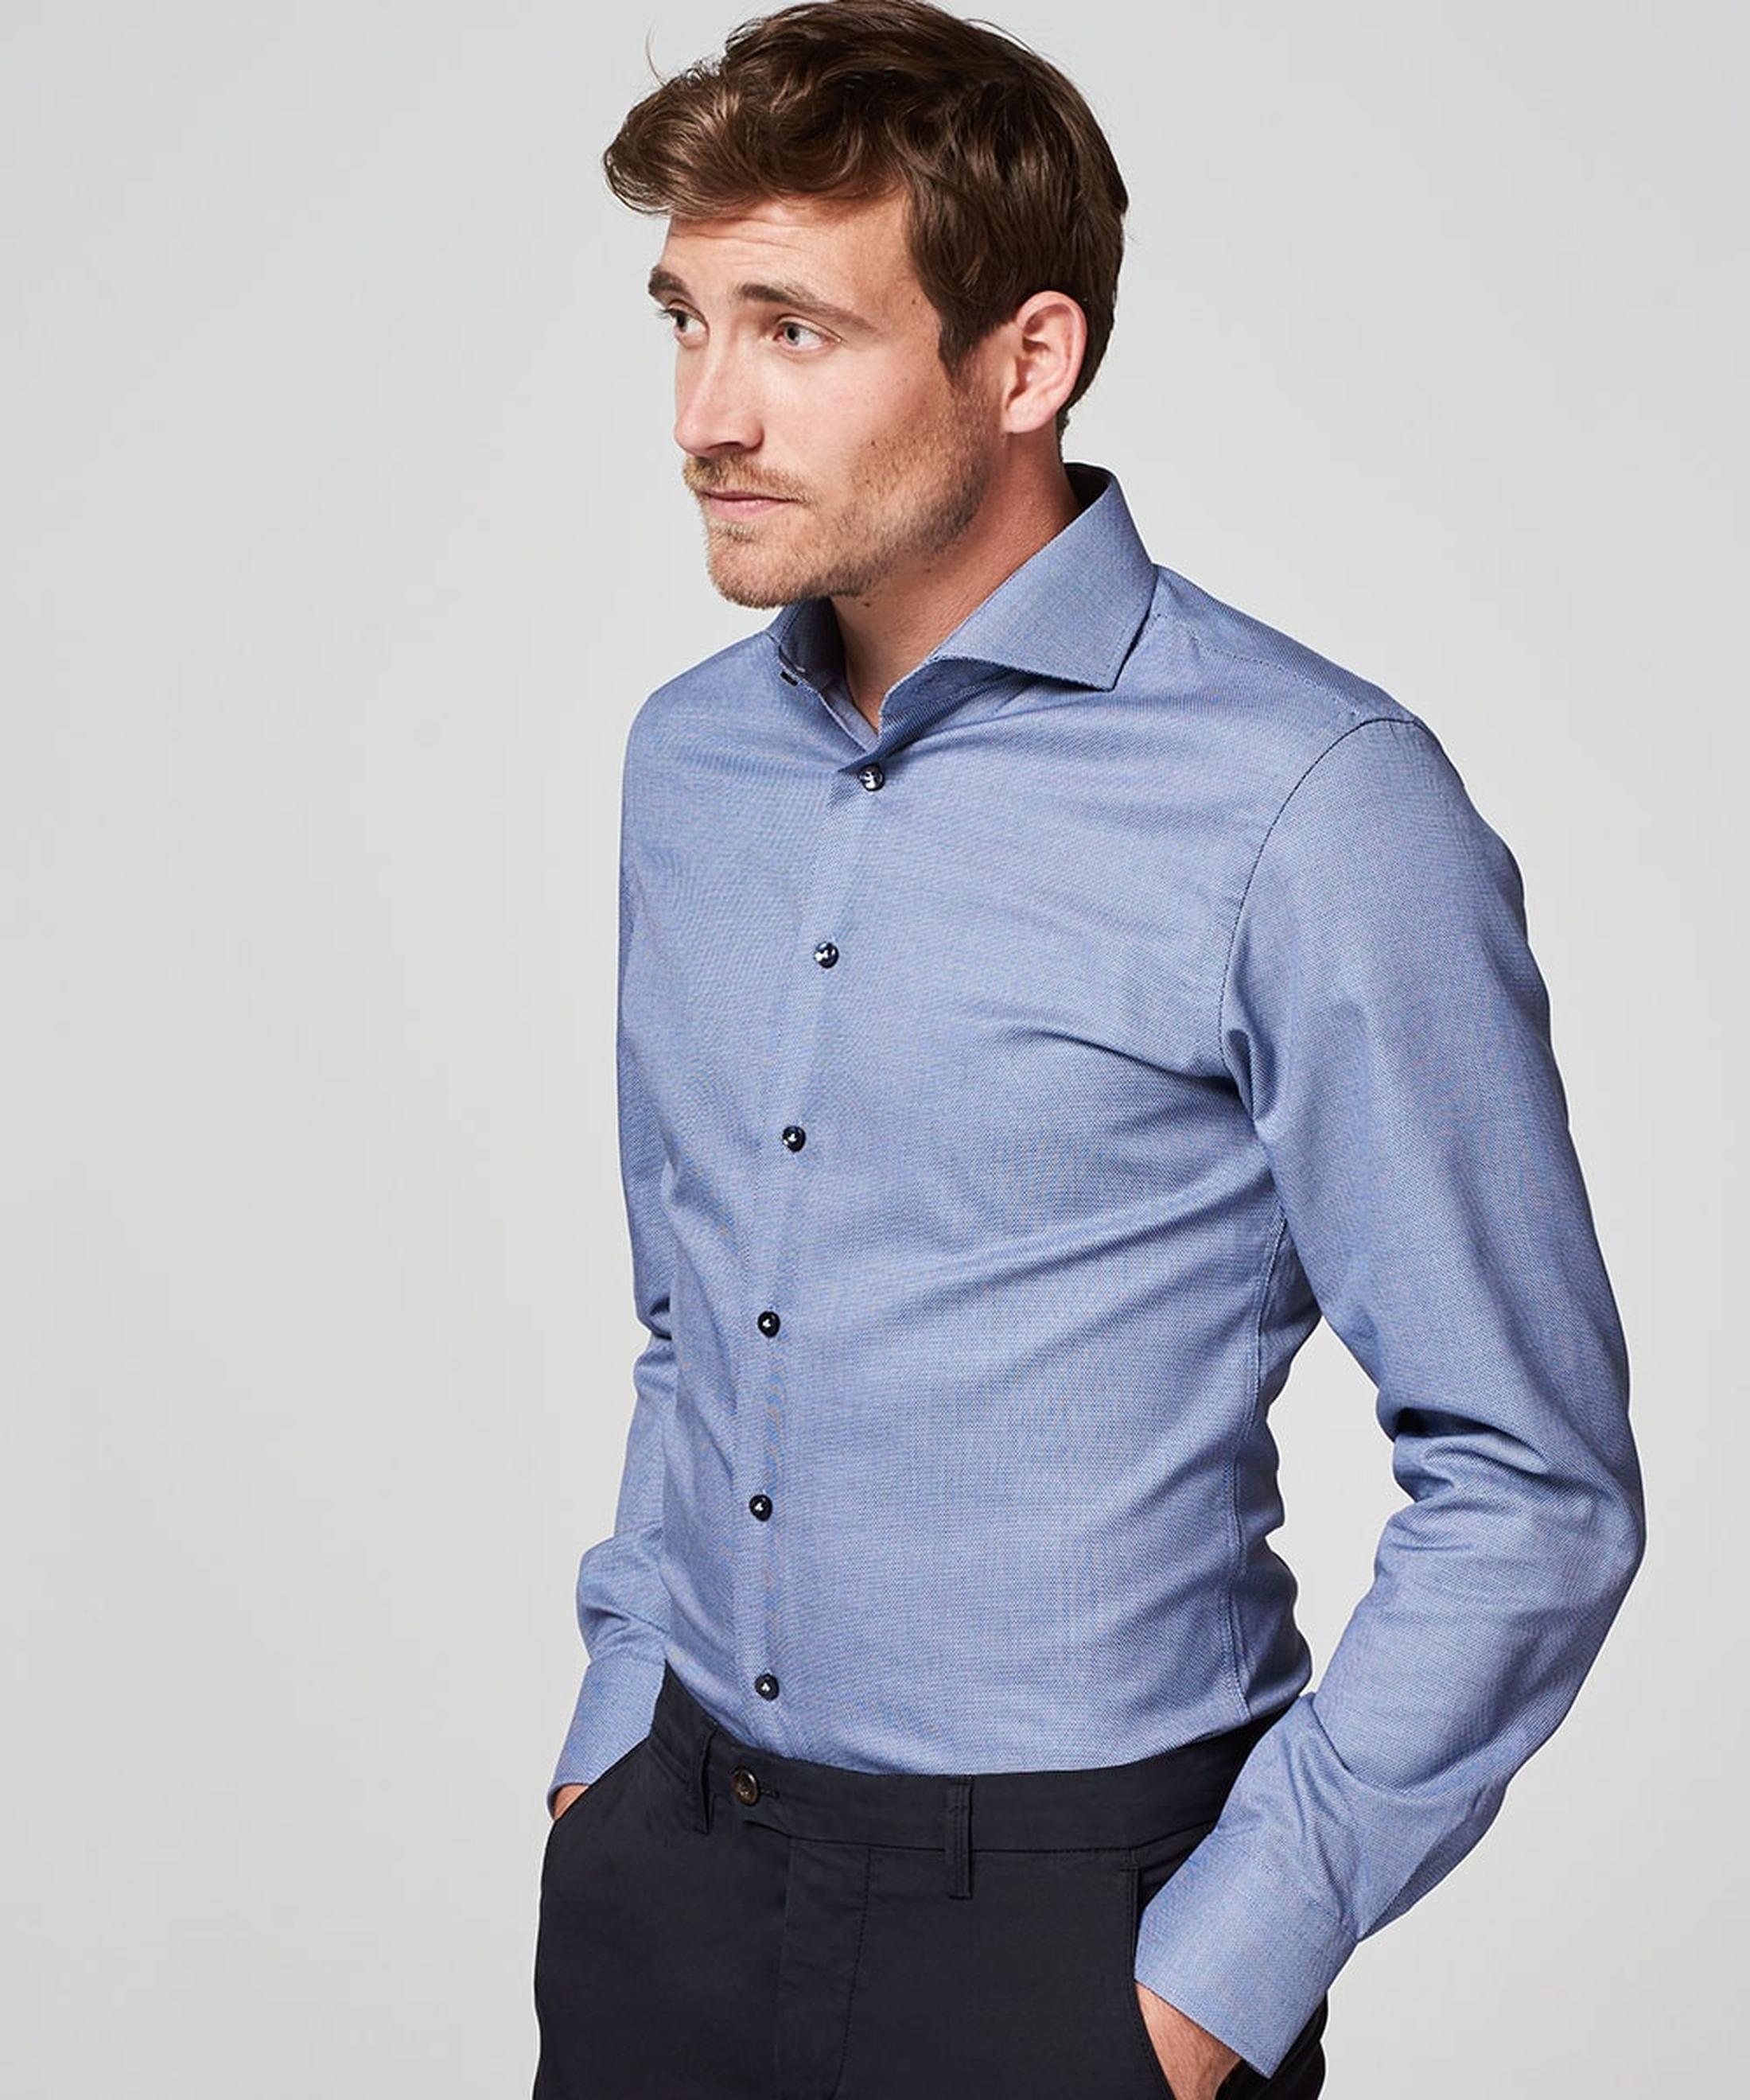 Profuomo Overhemd Blauw SF Dessin foto 4